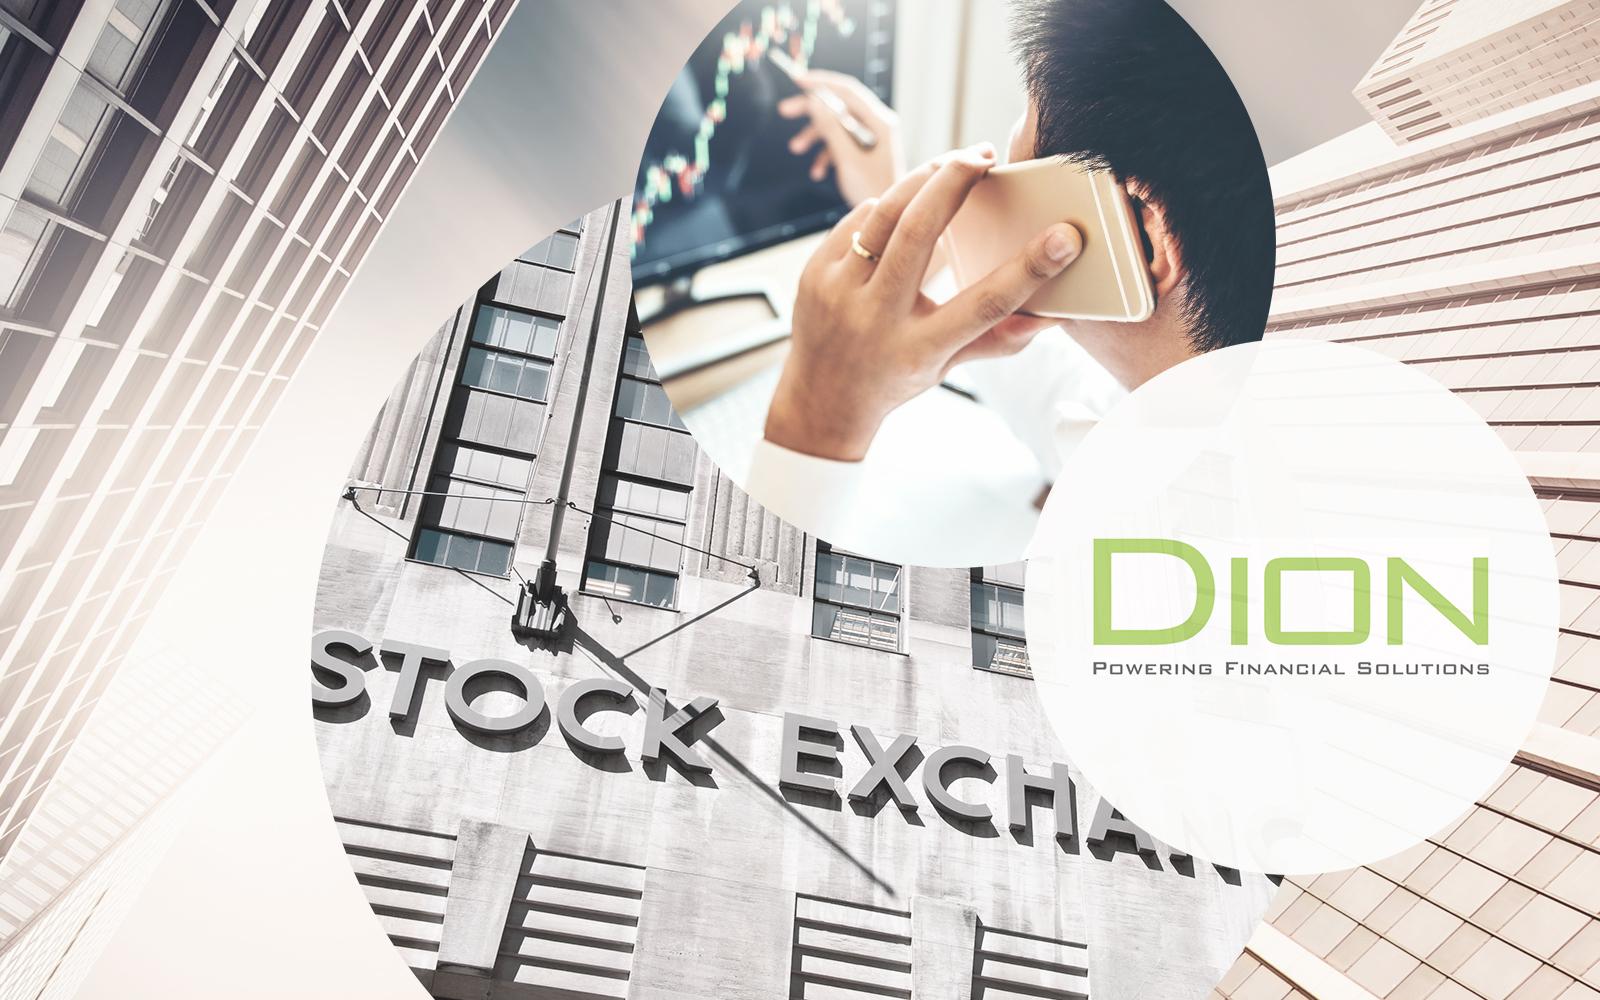 Dion Logo, daneben ein Bild von einem gehenden Mann mit Smartphone in der Hand und dahinter Bilder von einem Gebäude und einer Stadt, Dion Global Solutions GmbH wird Teil der valantic Gruppe